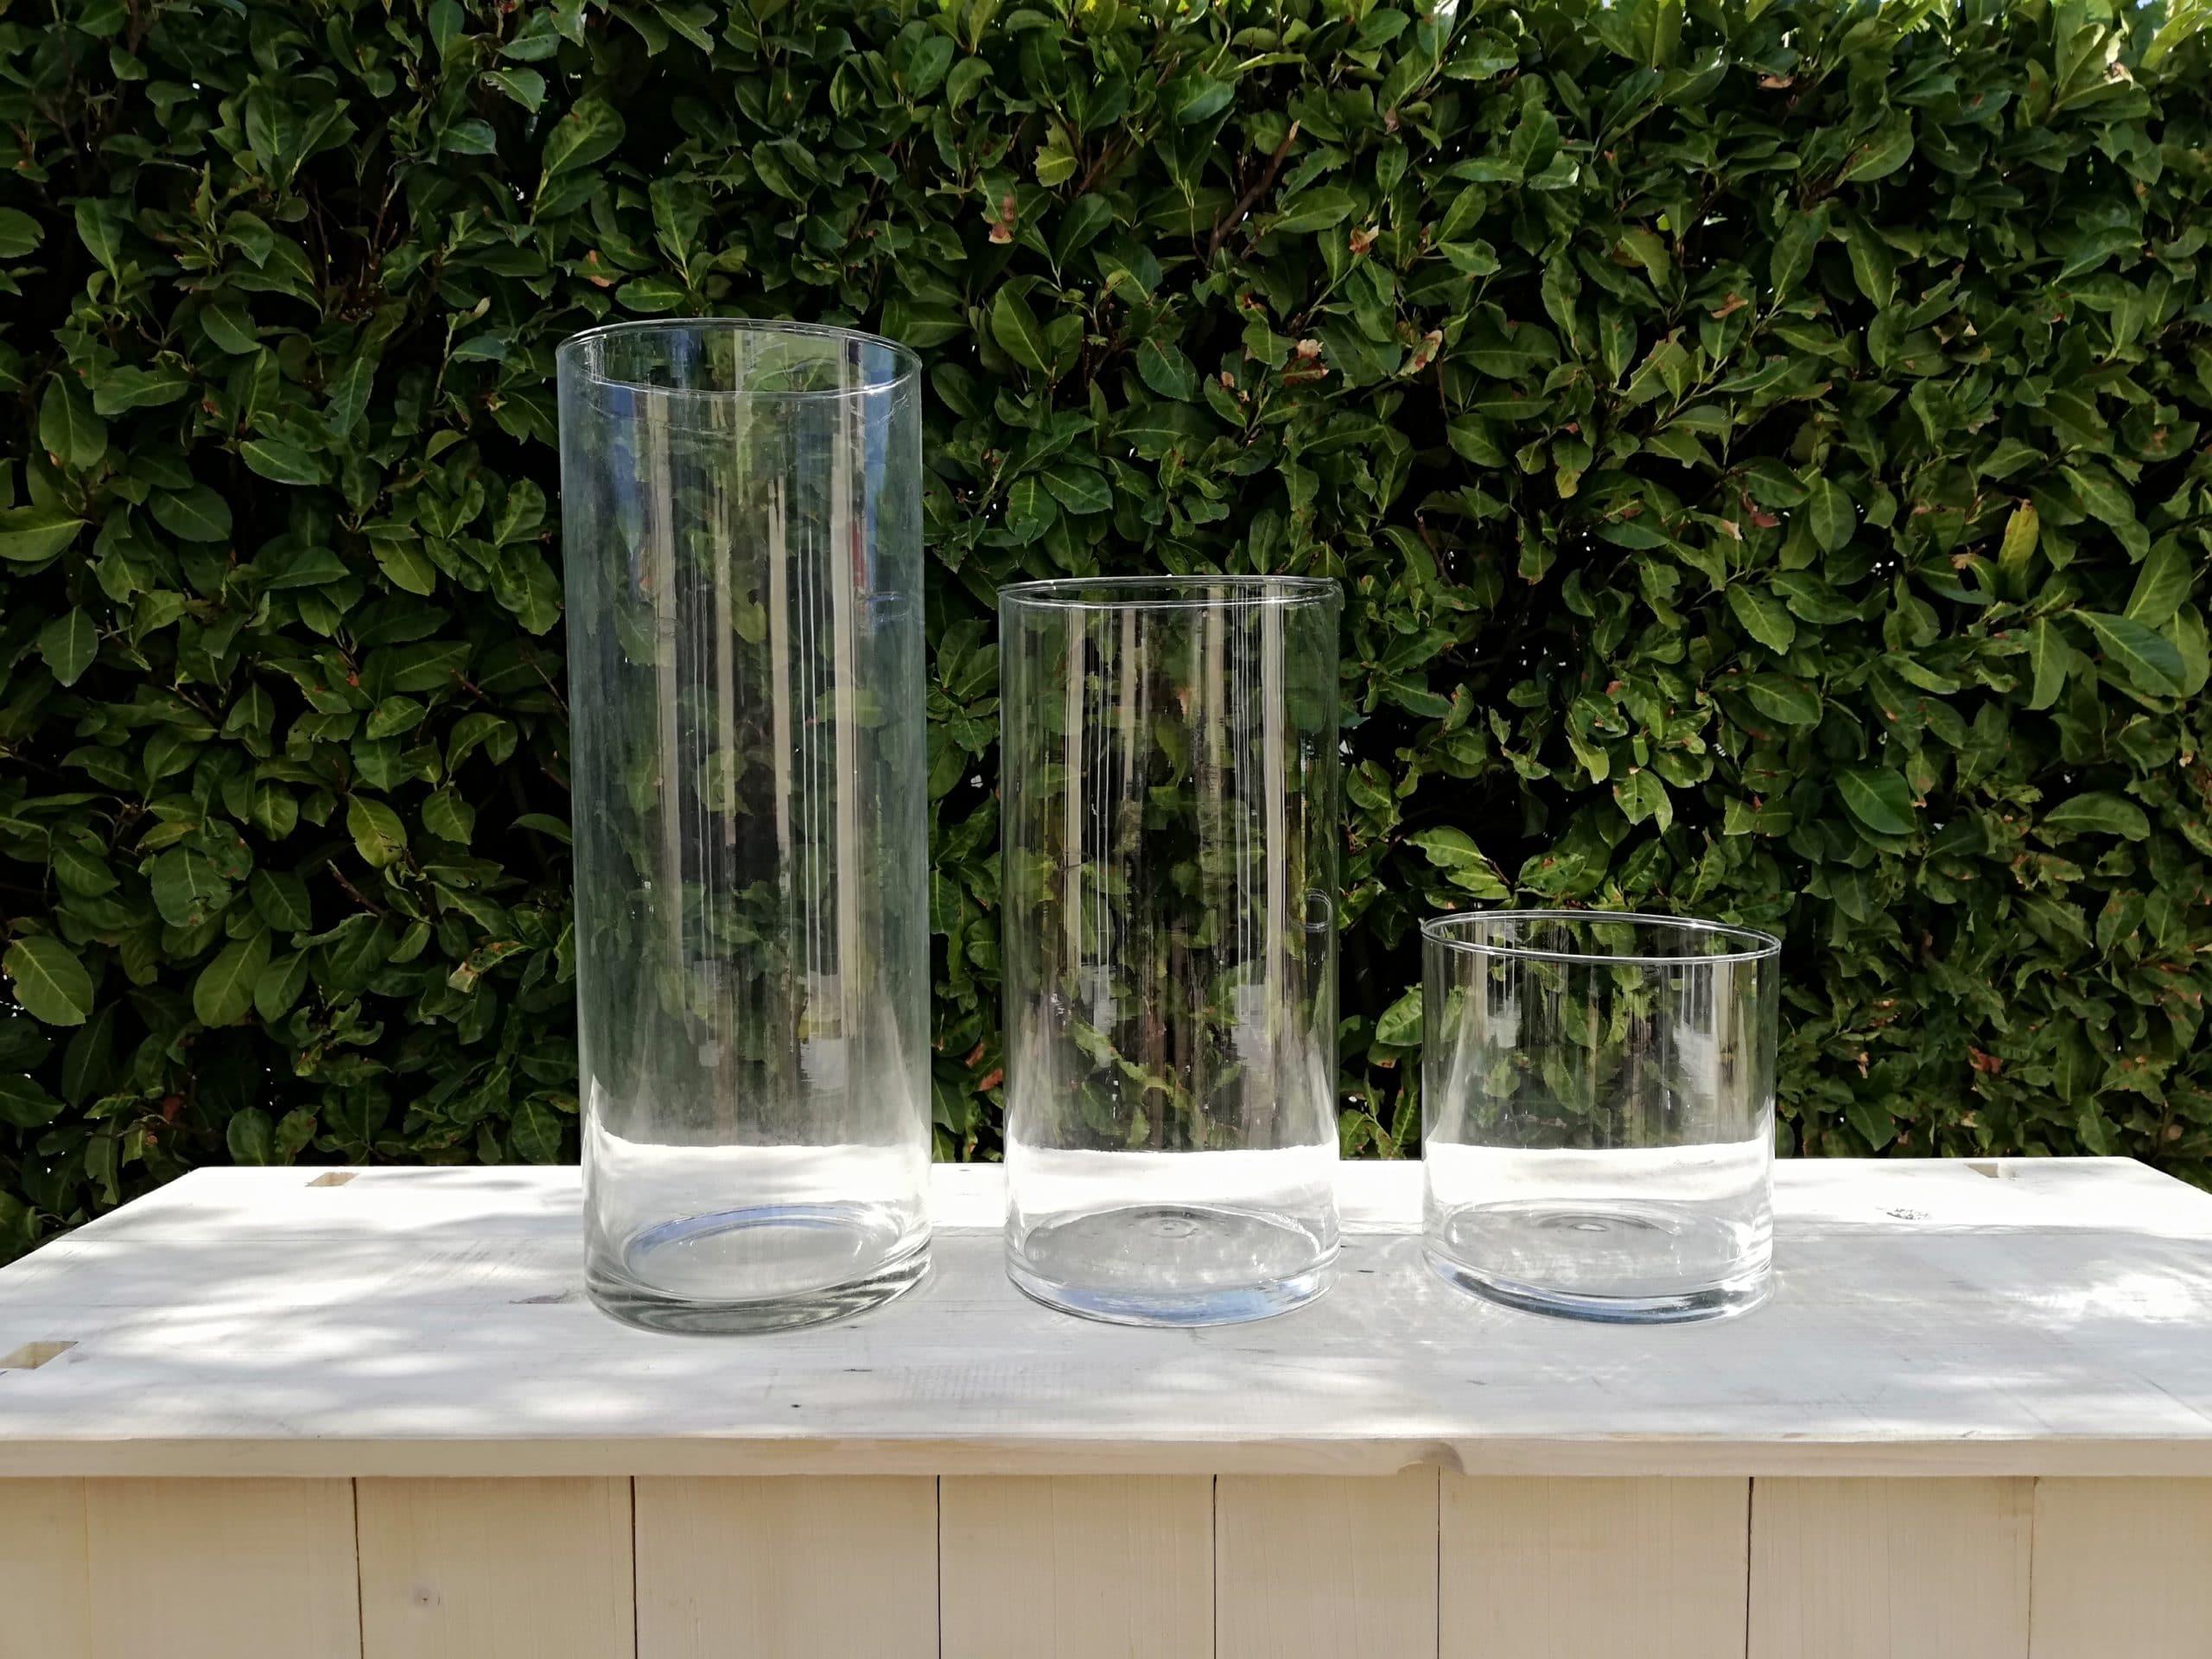 location trio de vases pour centre de table pur mariage proposé par esprit pop'up